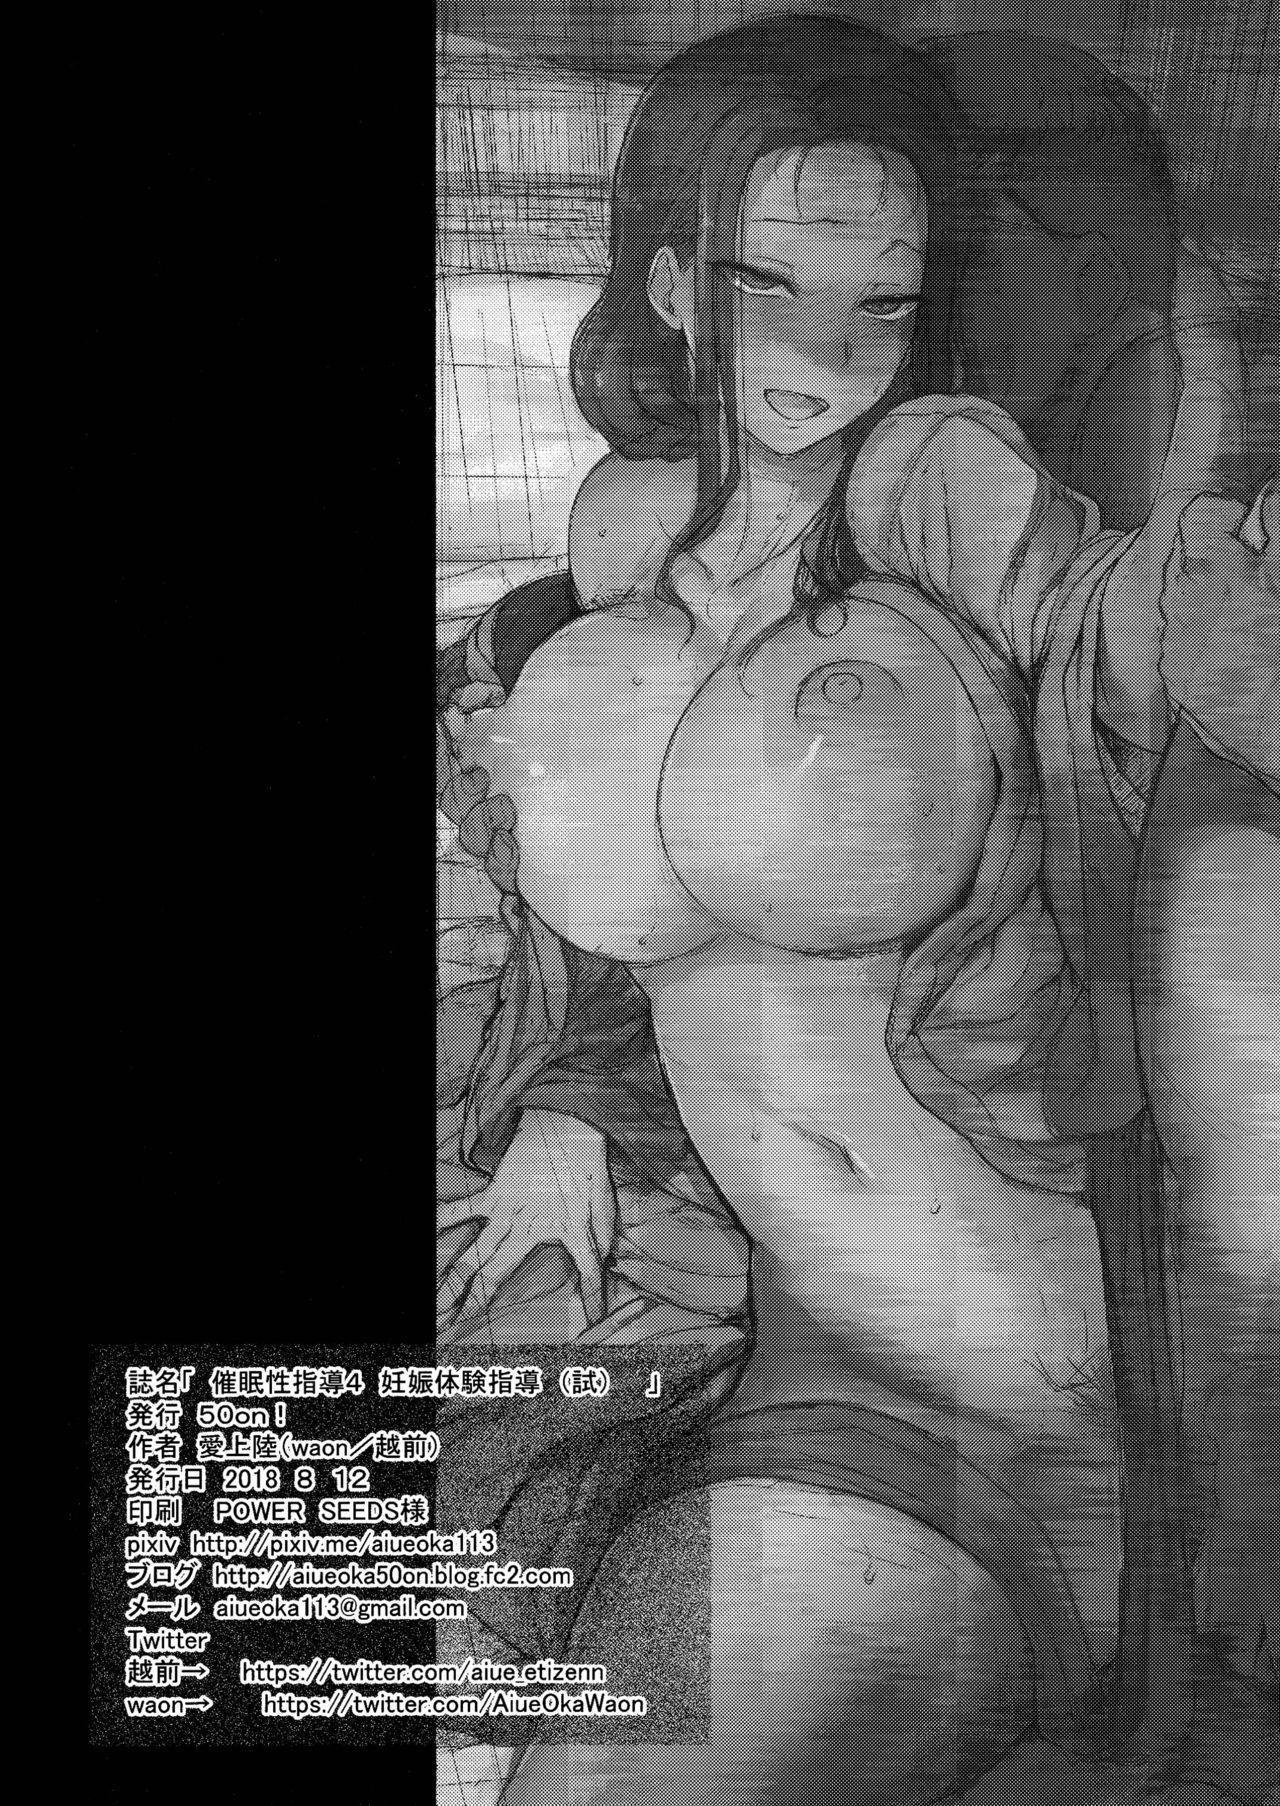 (C94) [50on! (Aiue Oka)] Saimin Seishidou 4 Ninshin Taiken Shidou (Shi) | Hypnosis Sex Guidance 4 - Pregnancy Guidance Experience [English] {Doujins.com} 34